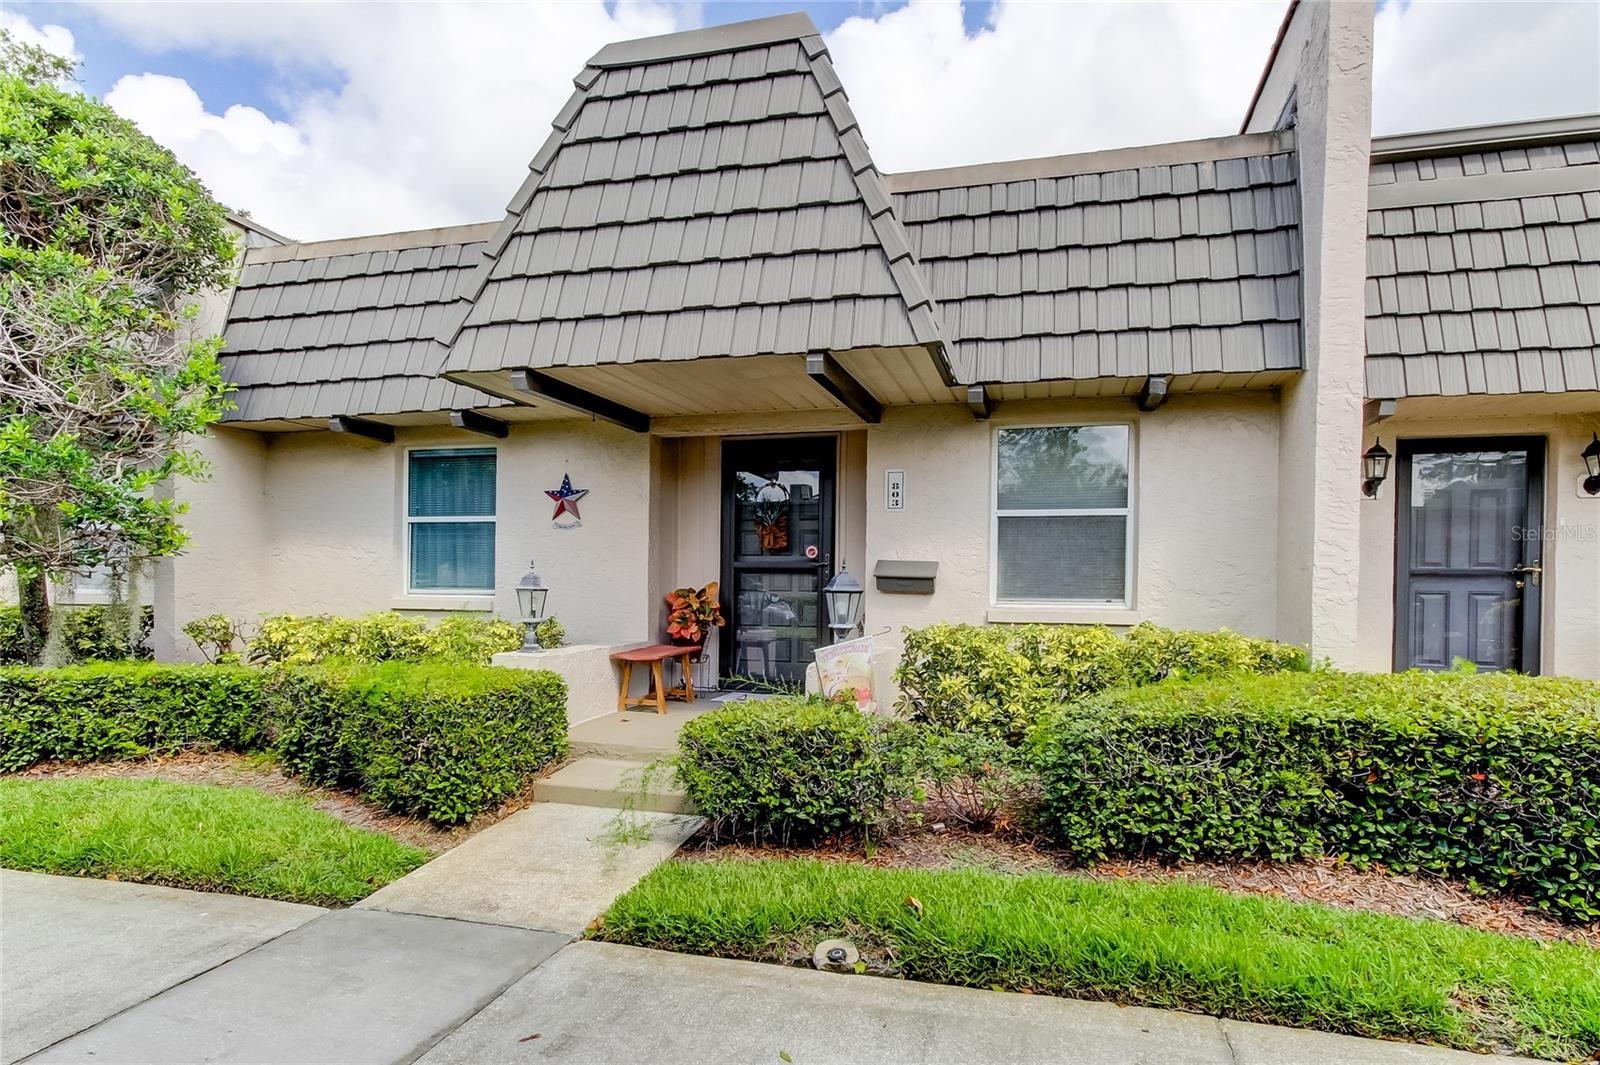 803 CORDOVA GREEN #803, Seminole, FL 33777 - #: U8131849